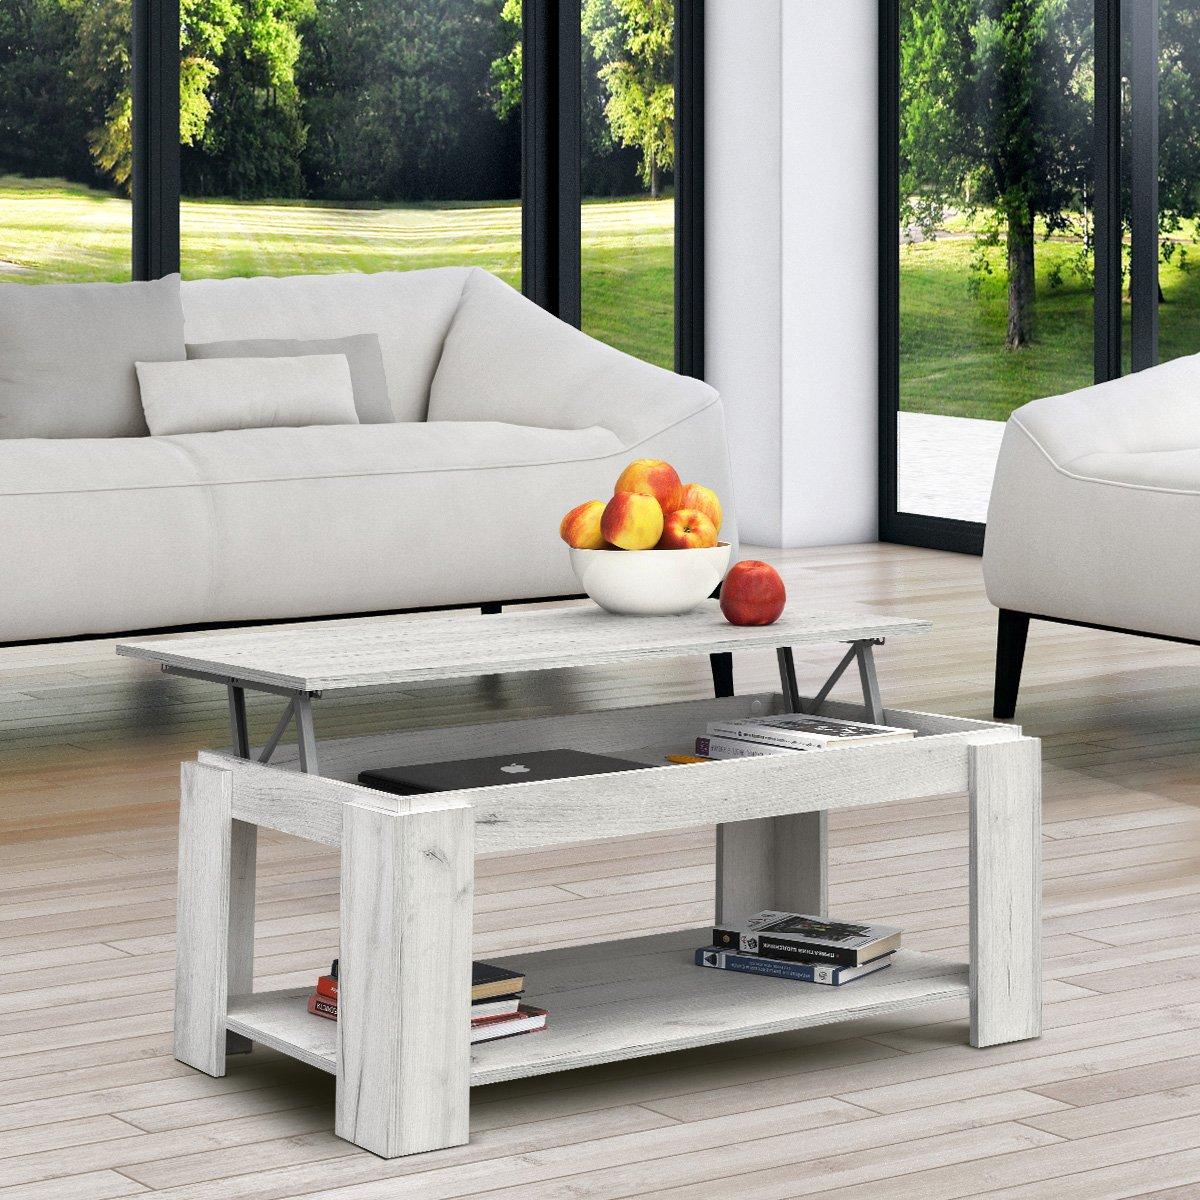 table-basse-relevable-avec-porte-vues